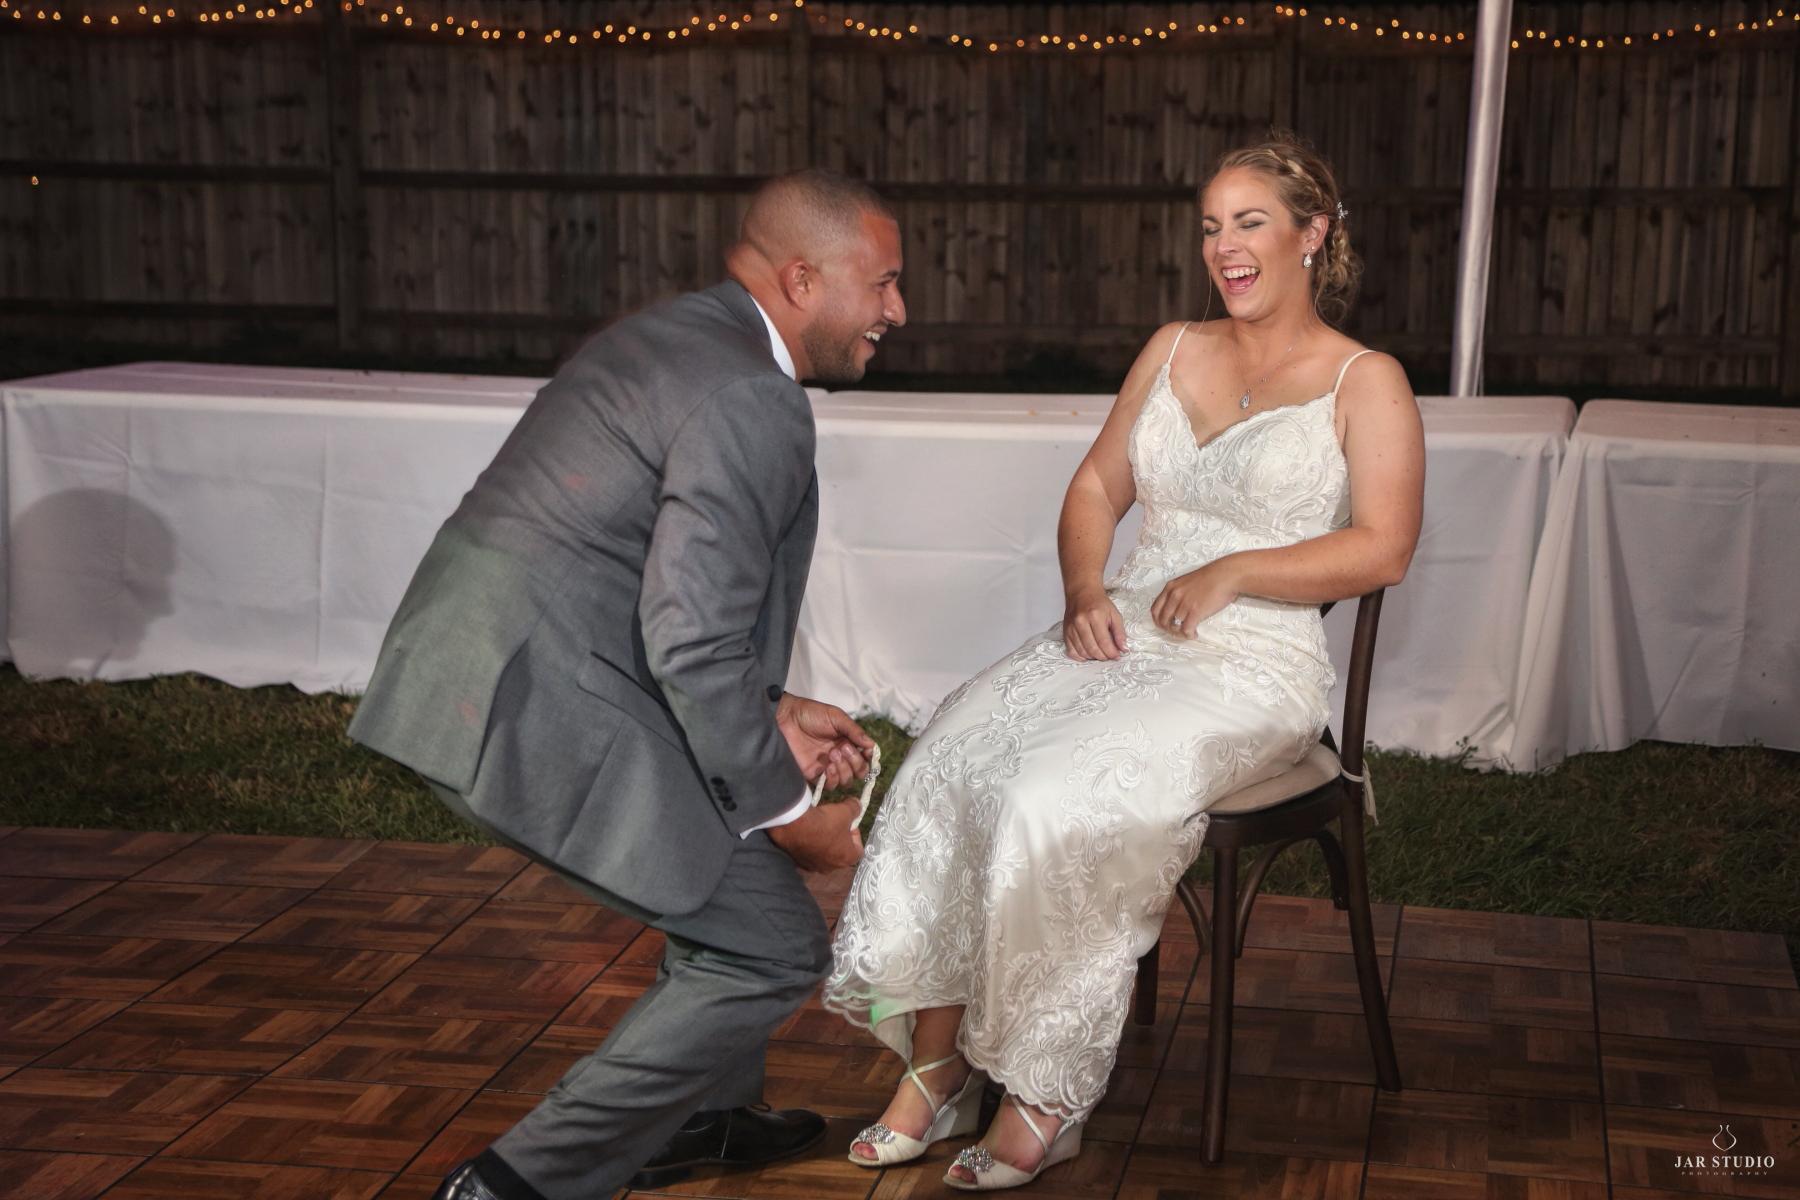 jarstudio-wedding-photographer-527.JPG